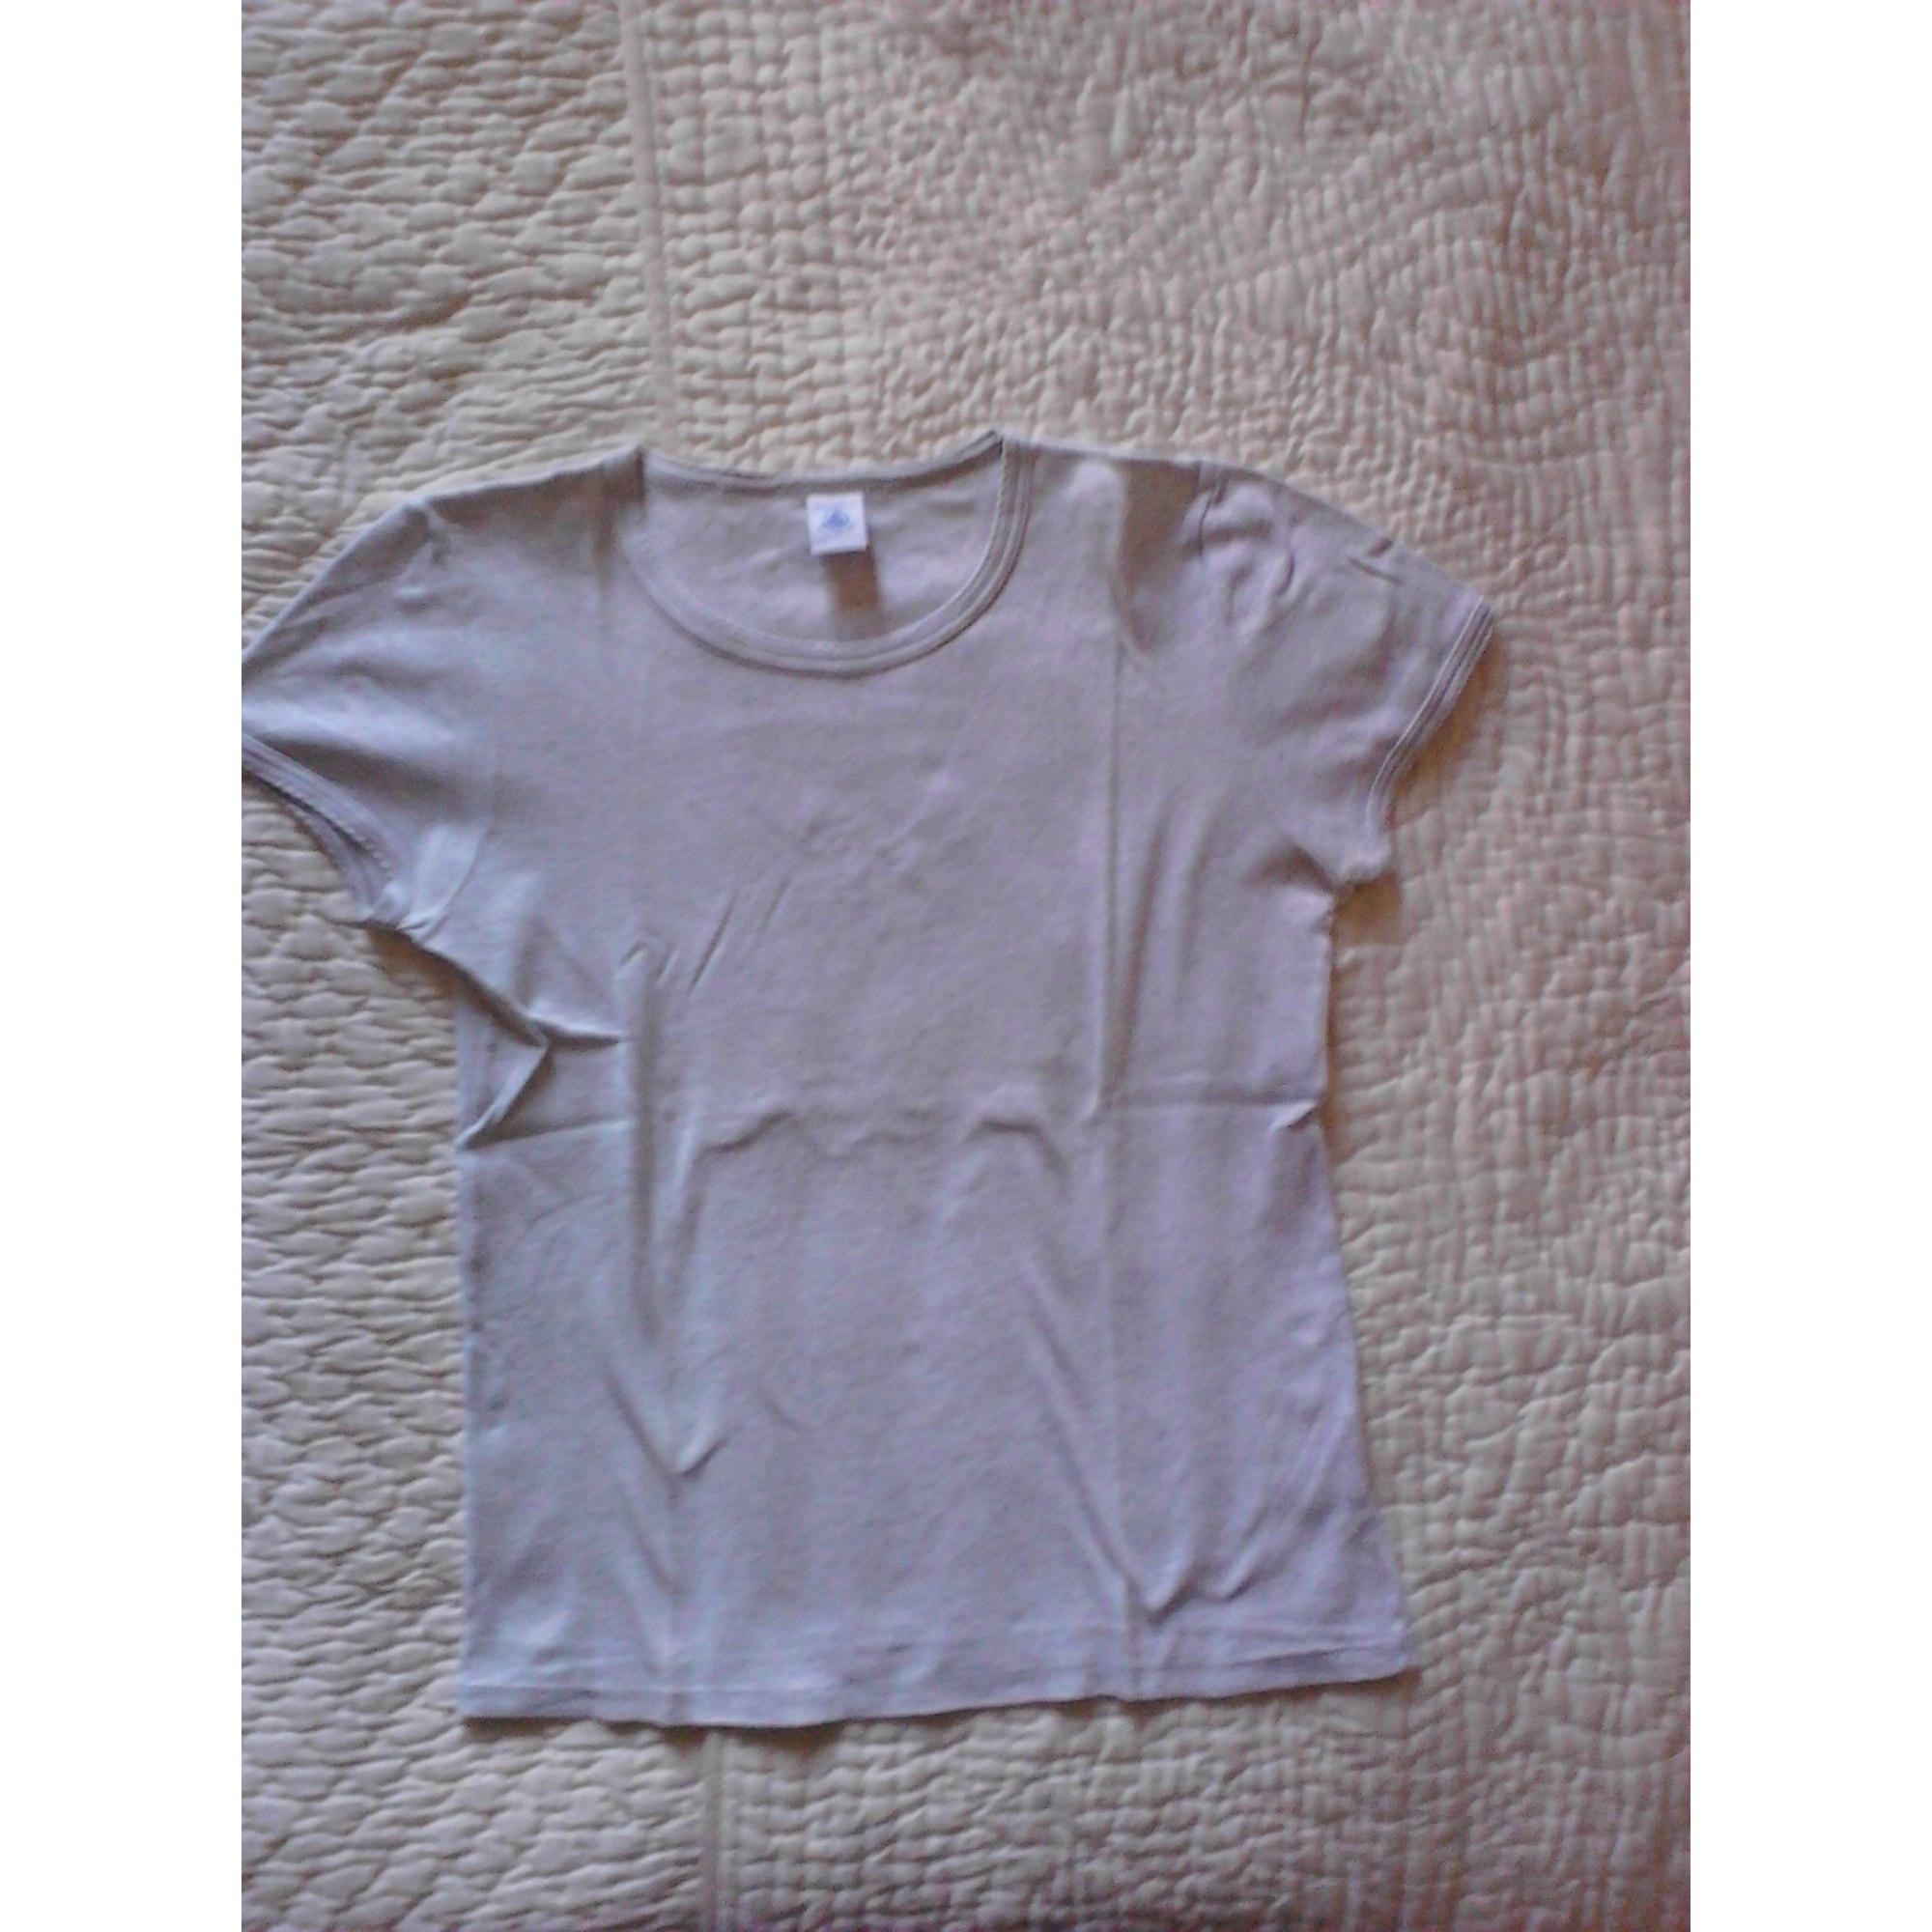 Top, Tee-shirt PETIT BATEAU Gris, anthracite